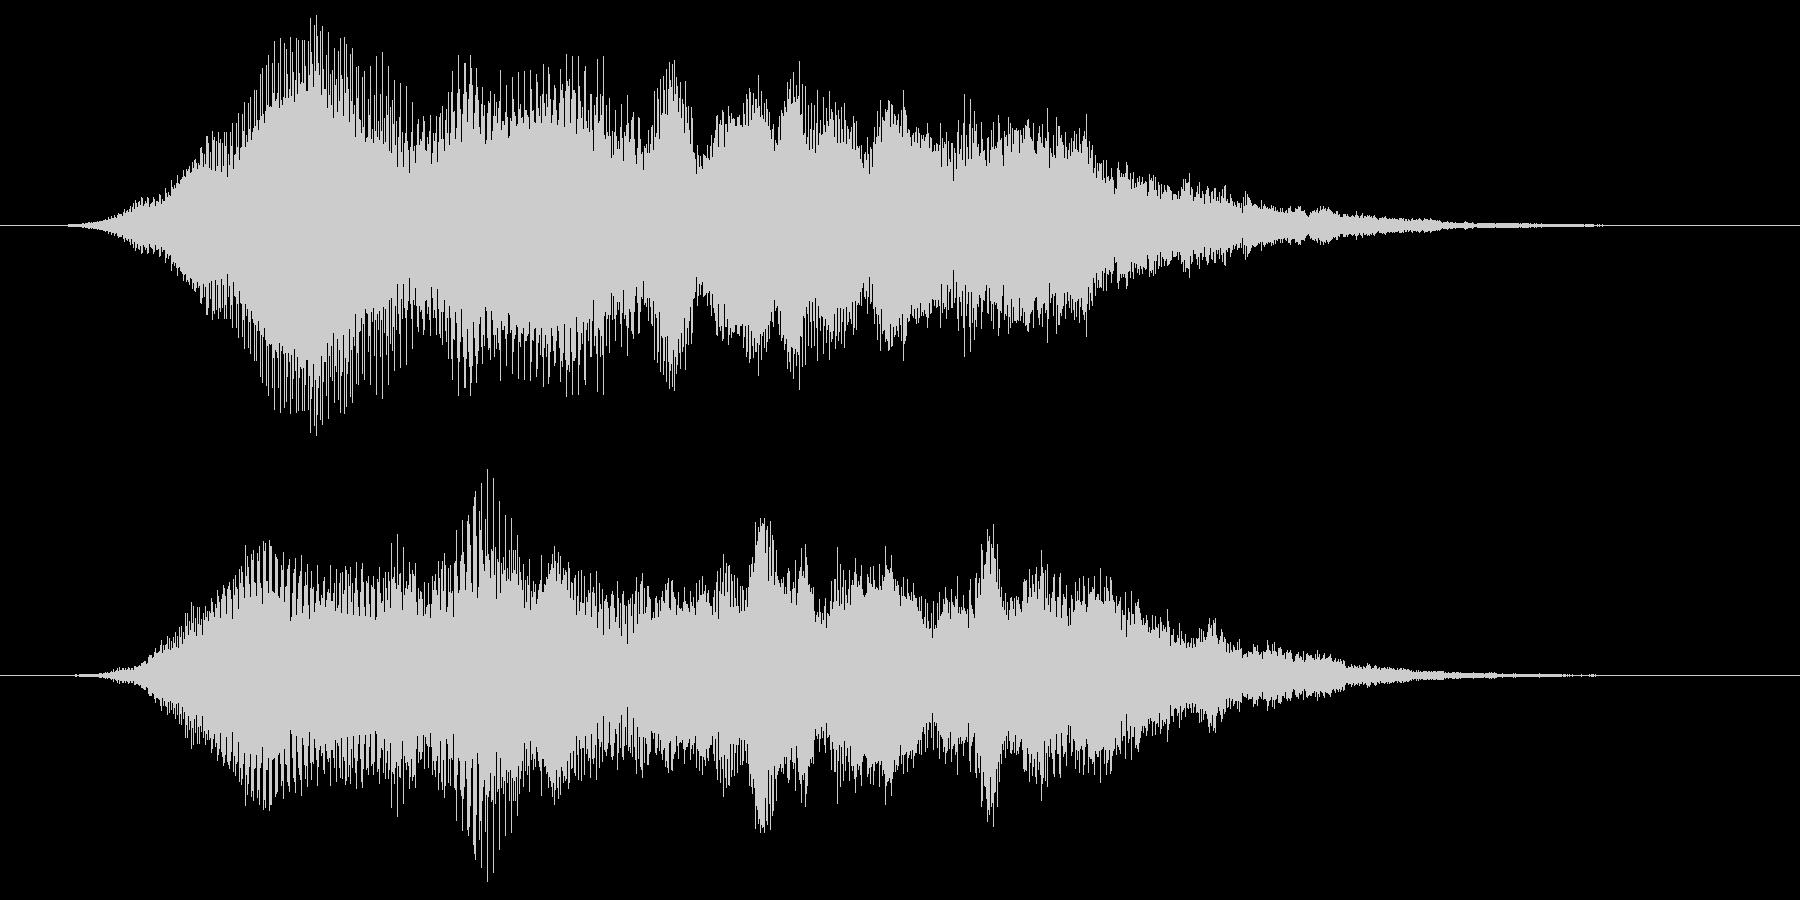 キラキラしたシンセ音によるサウンドロゴの未再生の波形